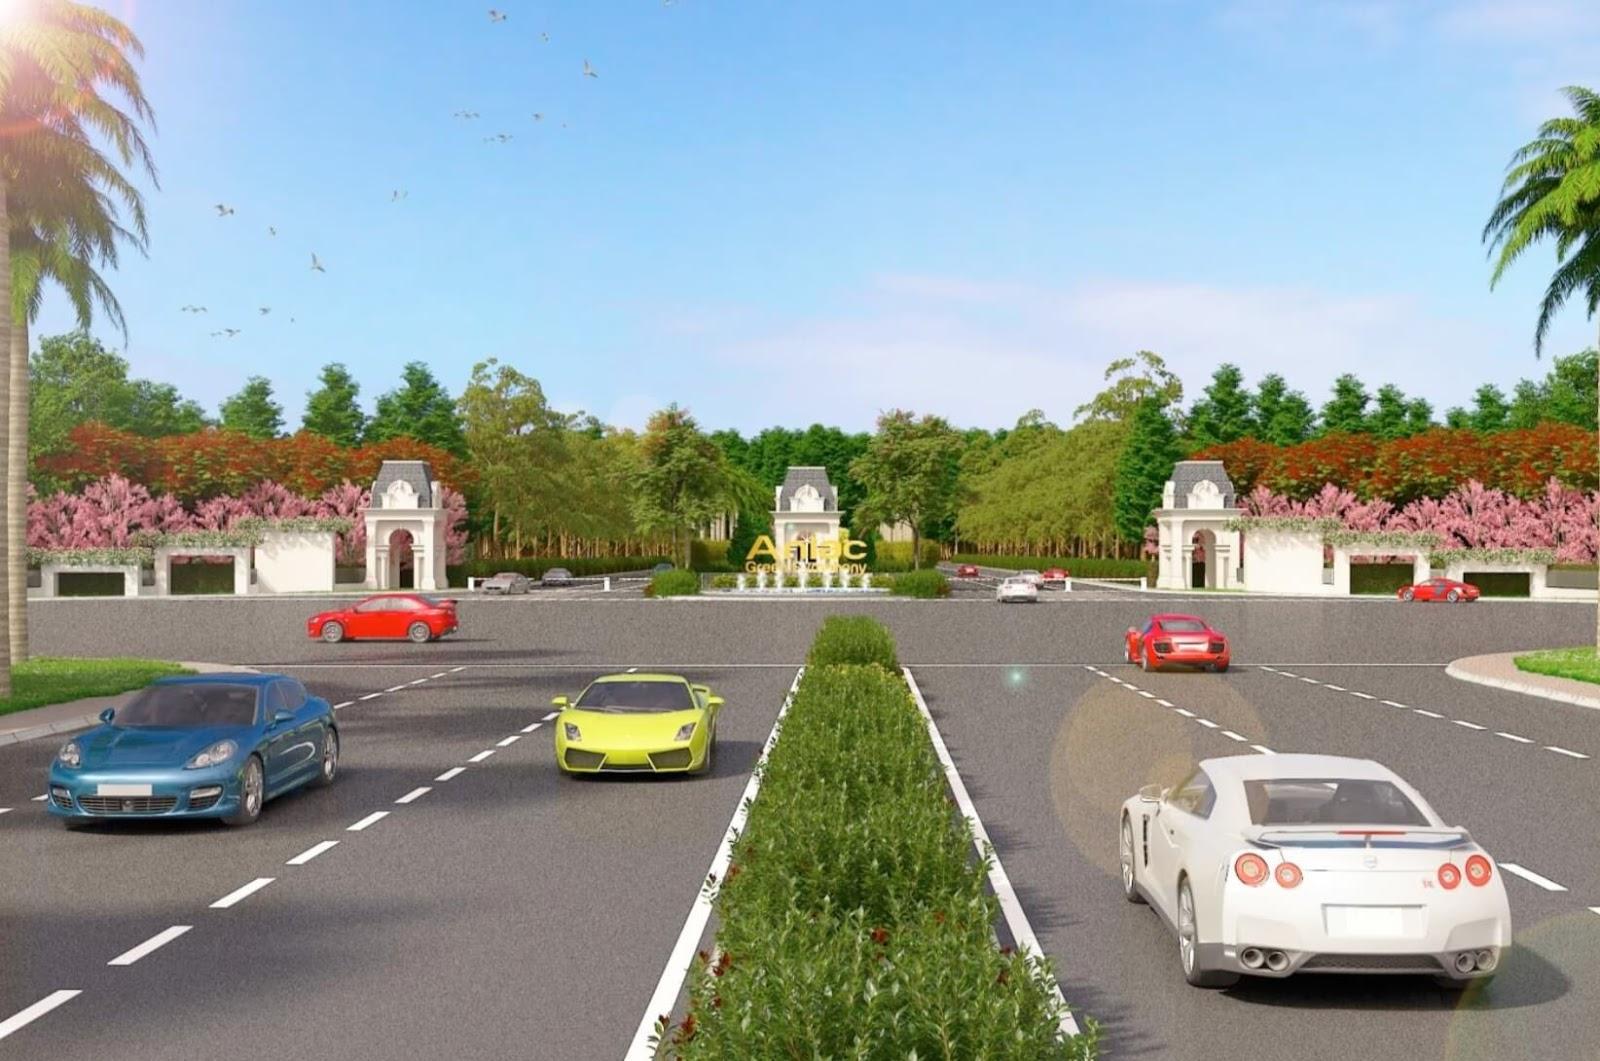 Hạ tầng giao thông khu đô thị Đại Học Vân Canh